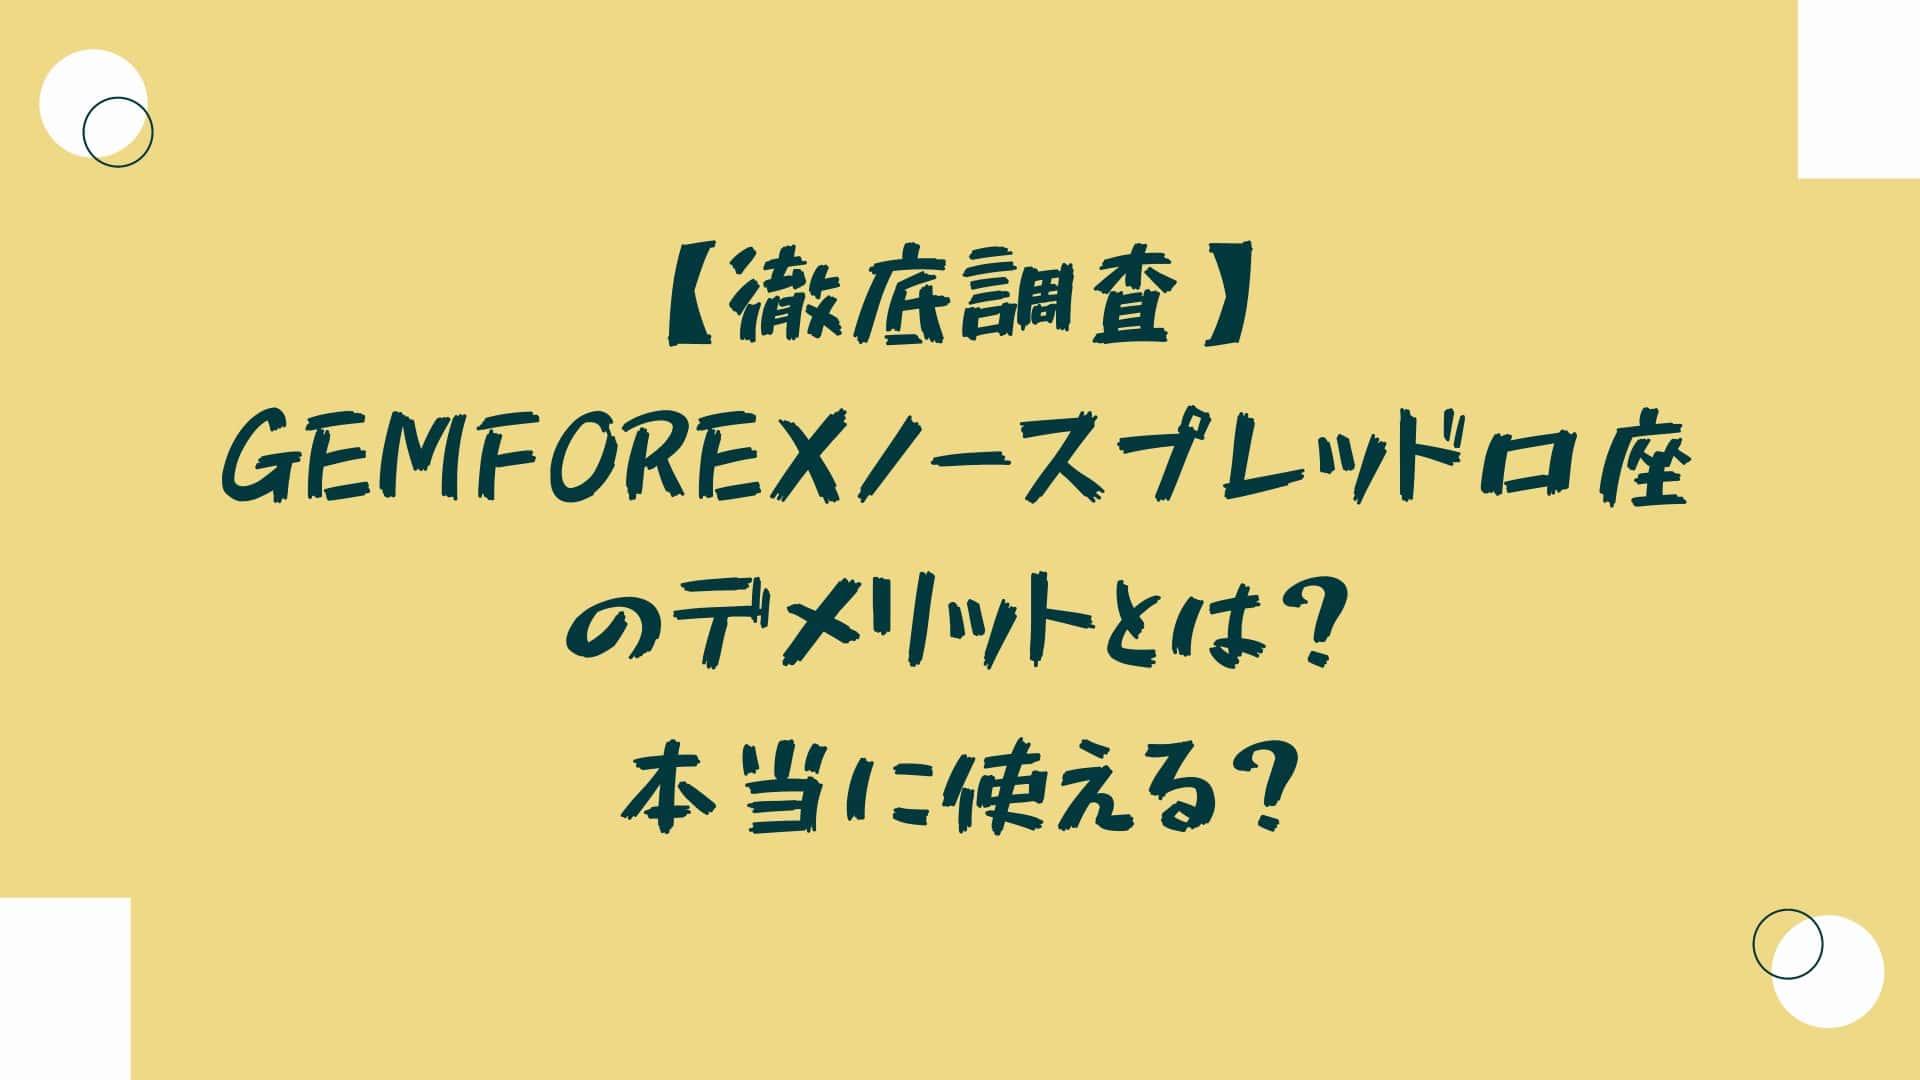 【徹底調査】GEMFOREXノースプレッド口座のデメリットとは?本当に使える?